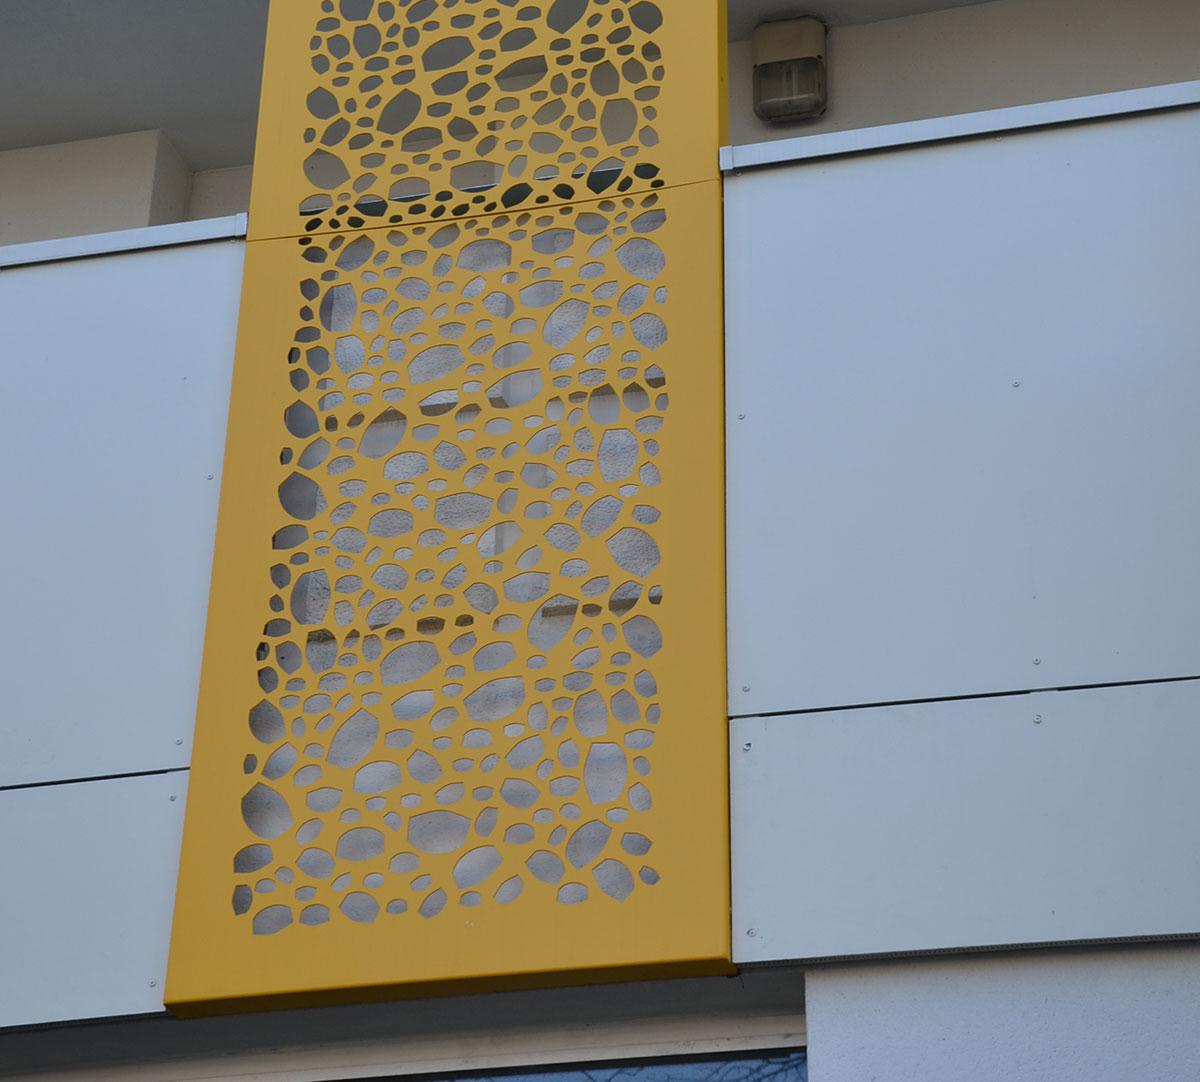 Réalisation Cassette perforées effet nid d'abeilles : image 5